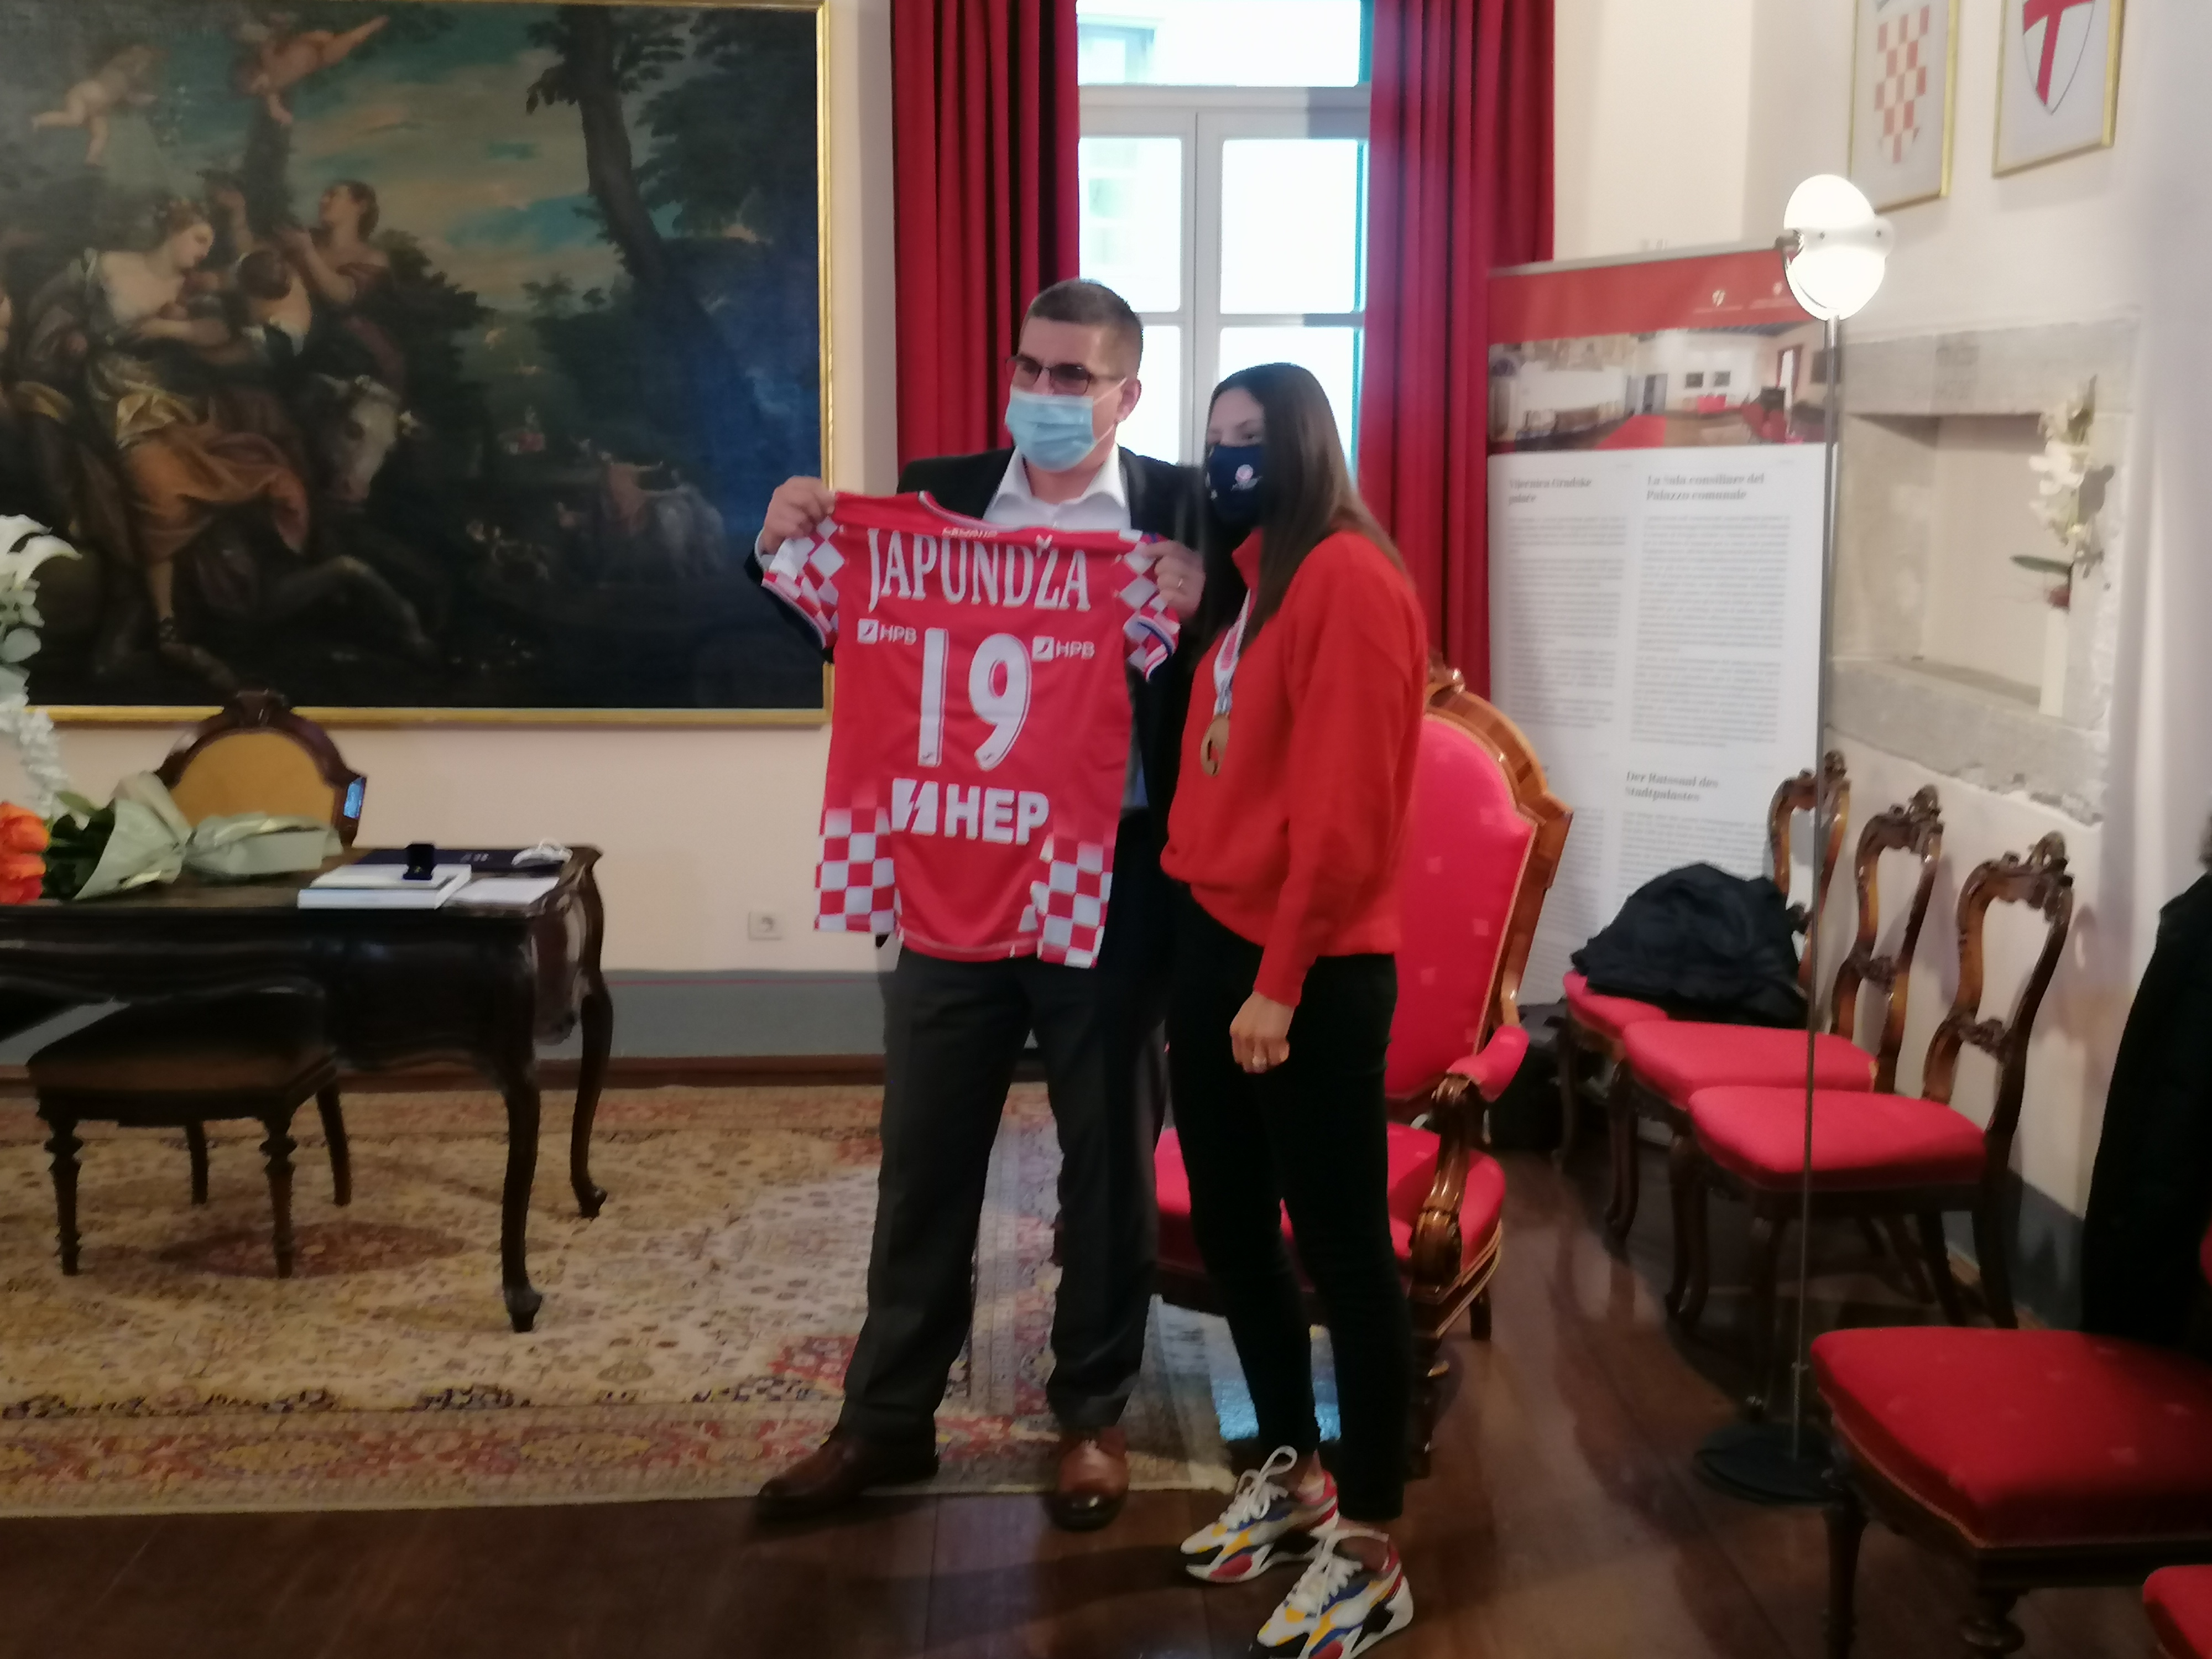 Il sindaco ha organizzato un ricevimento per Tena Japundža